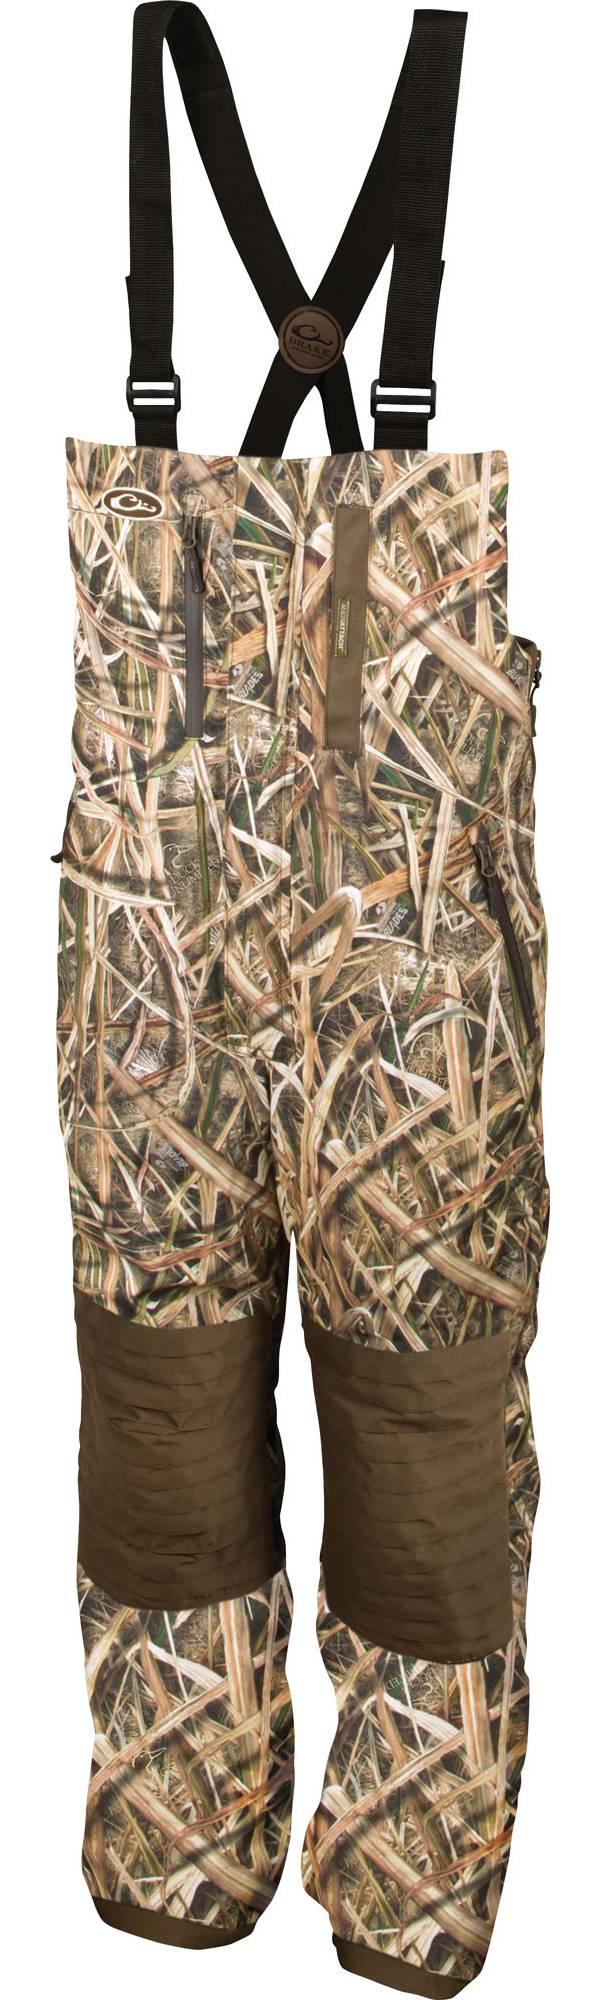 Drake Waterfowl Men's Guardian Elite Hunting Bib product image